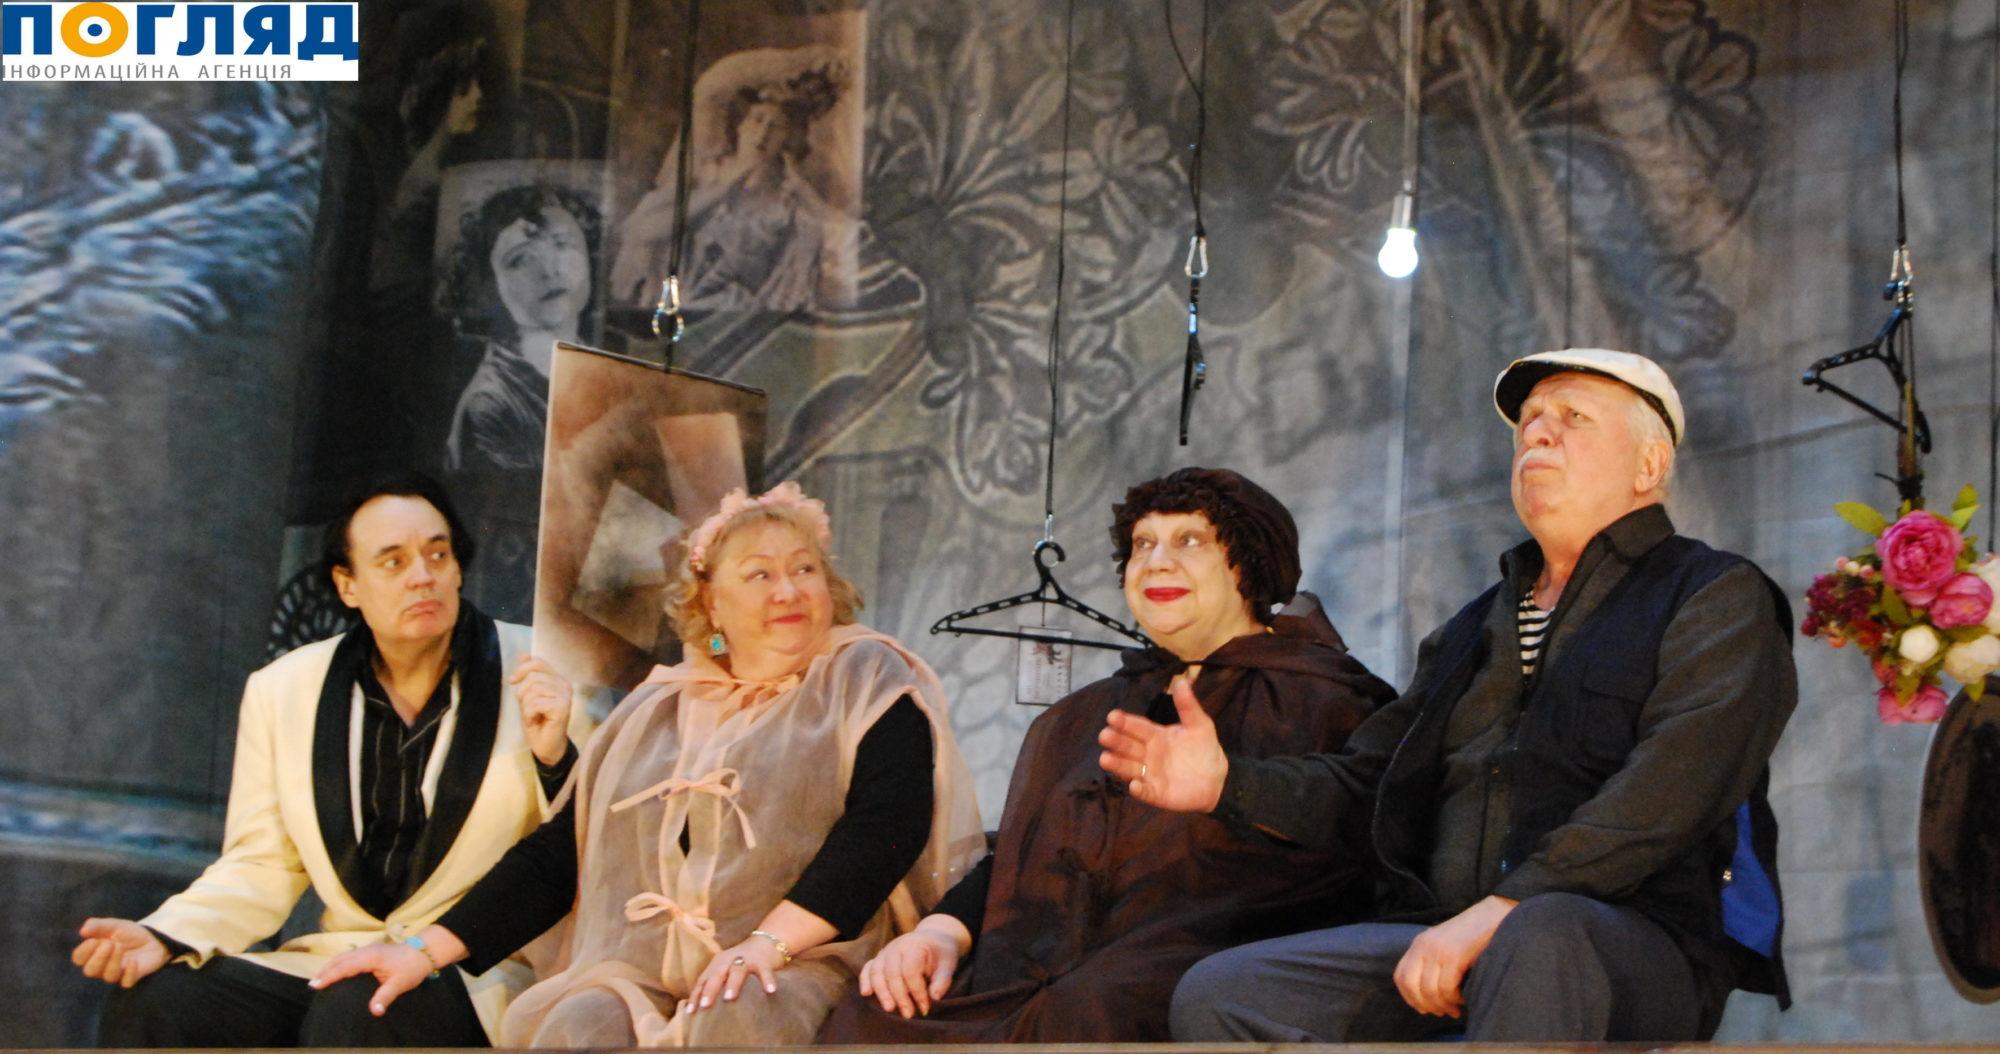 Допрем'єрний показ вистави за участі зірок театру і кіно вперше у Василькові -  - 000DSC 3703 2000x1054